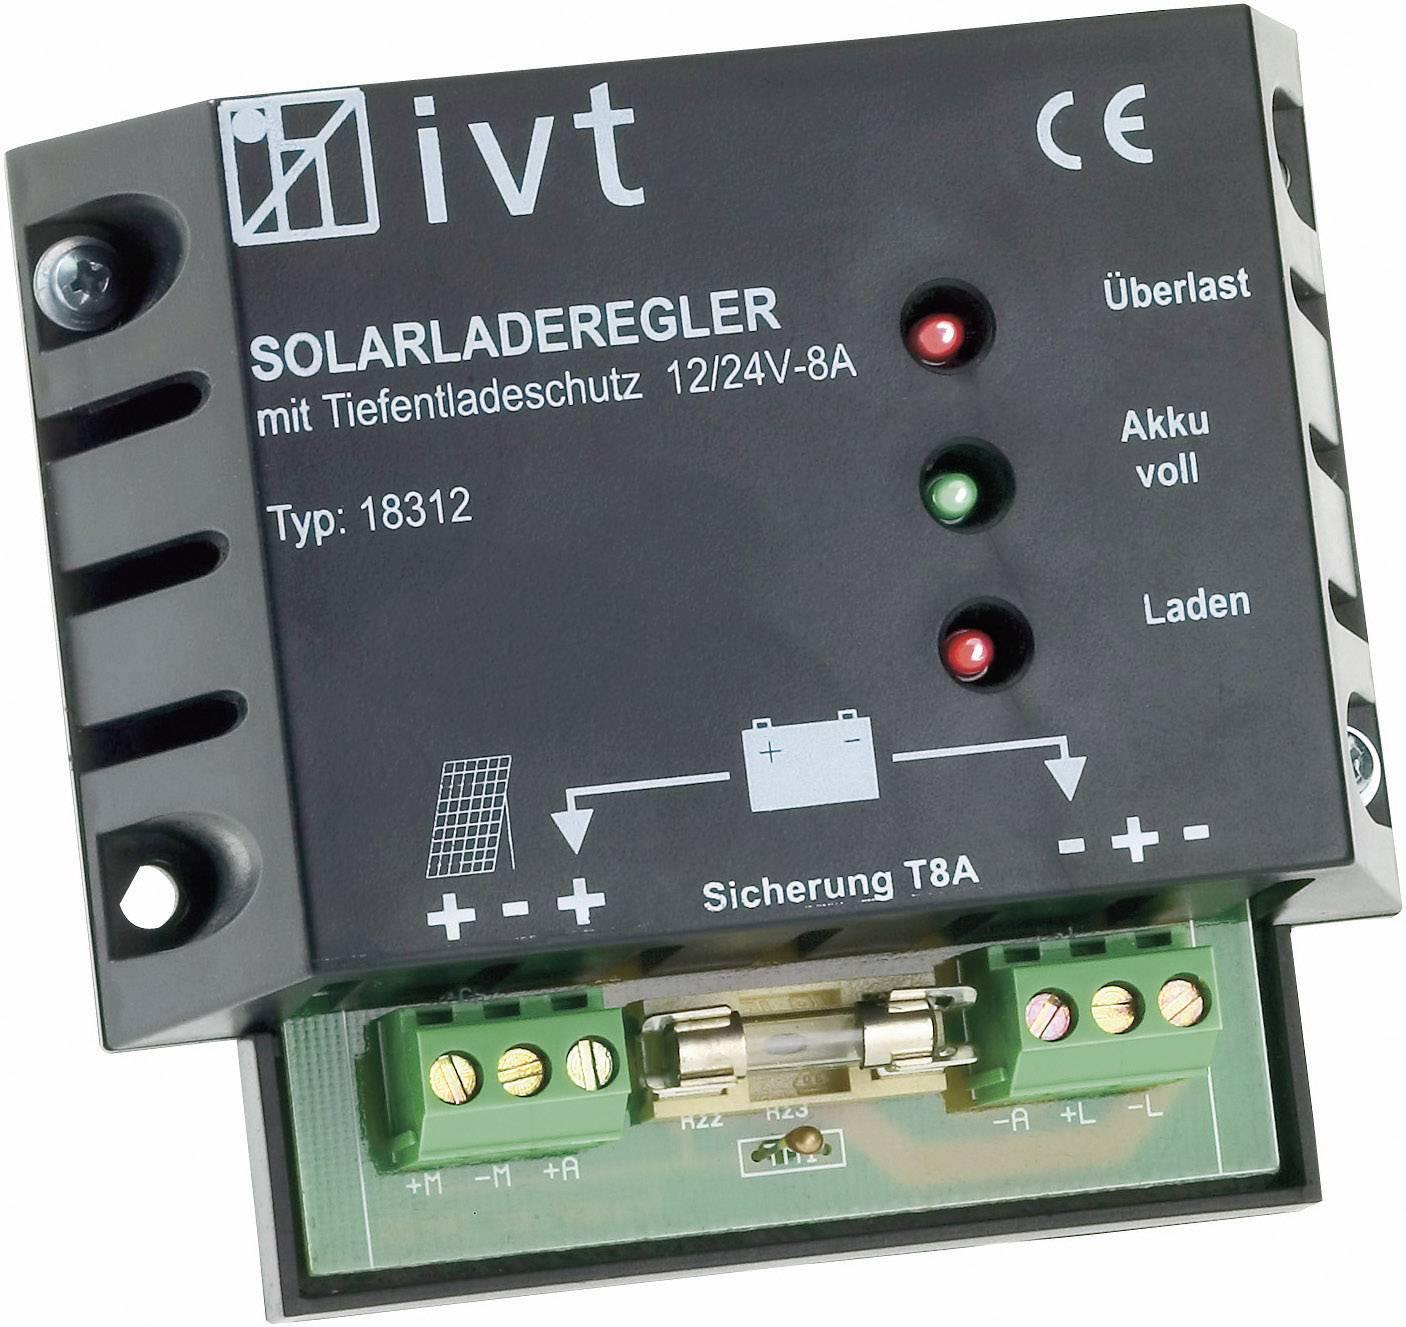 Solárny regulátor nabíjania IVT 18312 18312, 8 A, 12 V, 24 V